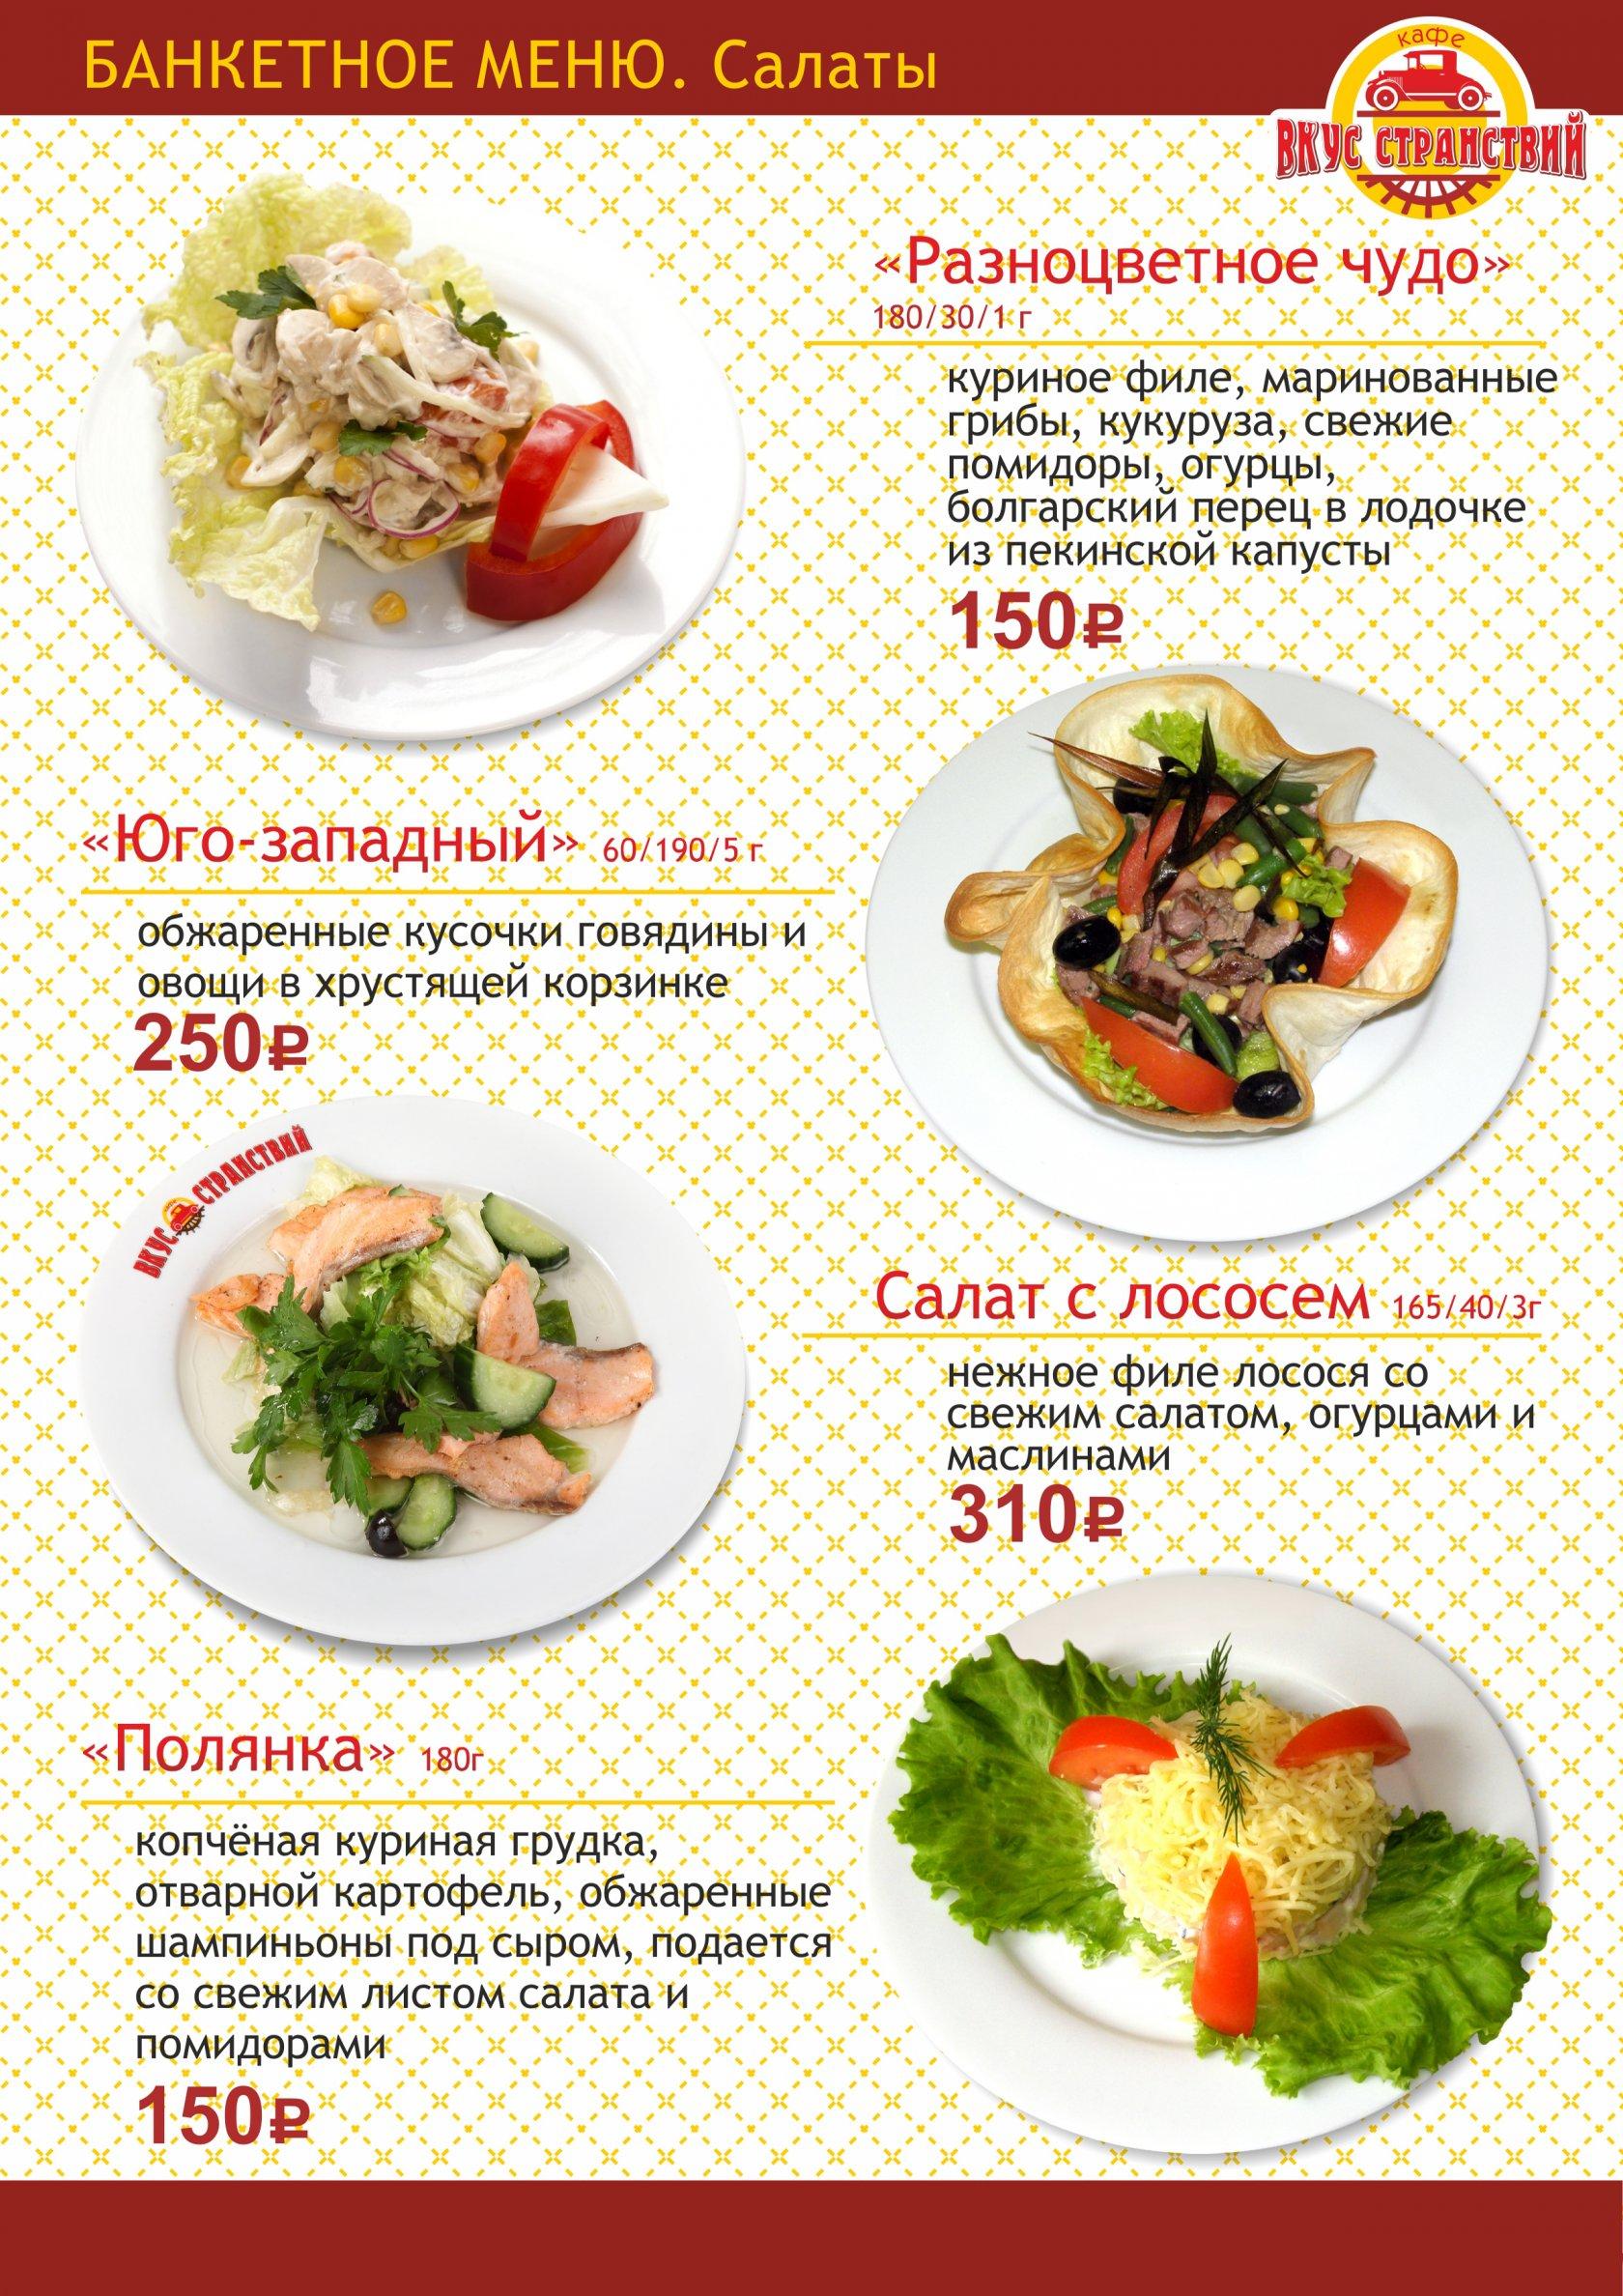 банкетное меню ресторана с фото и рецептами просим вас